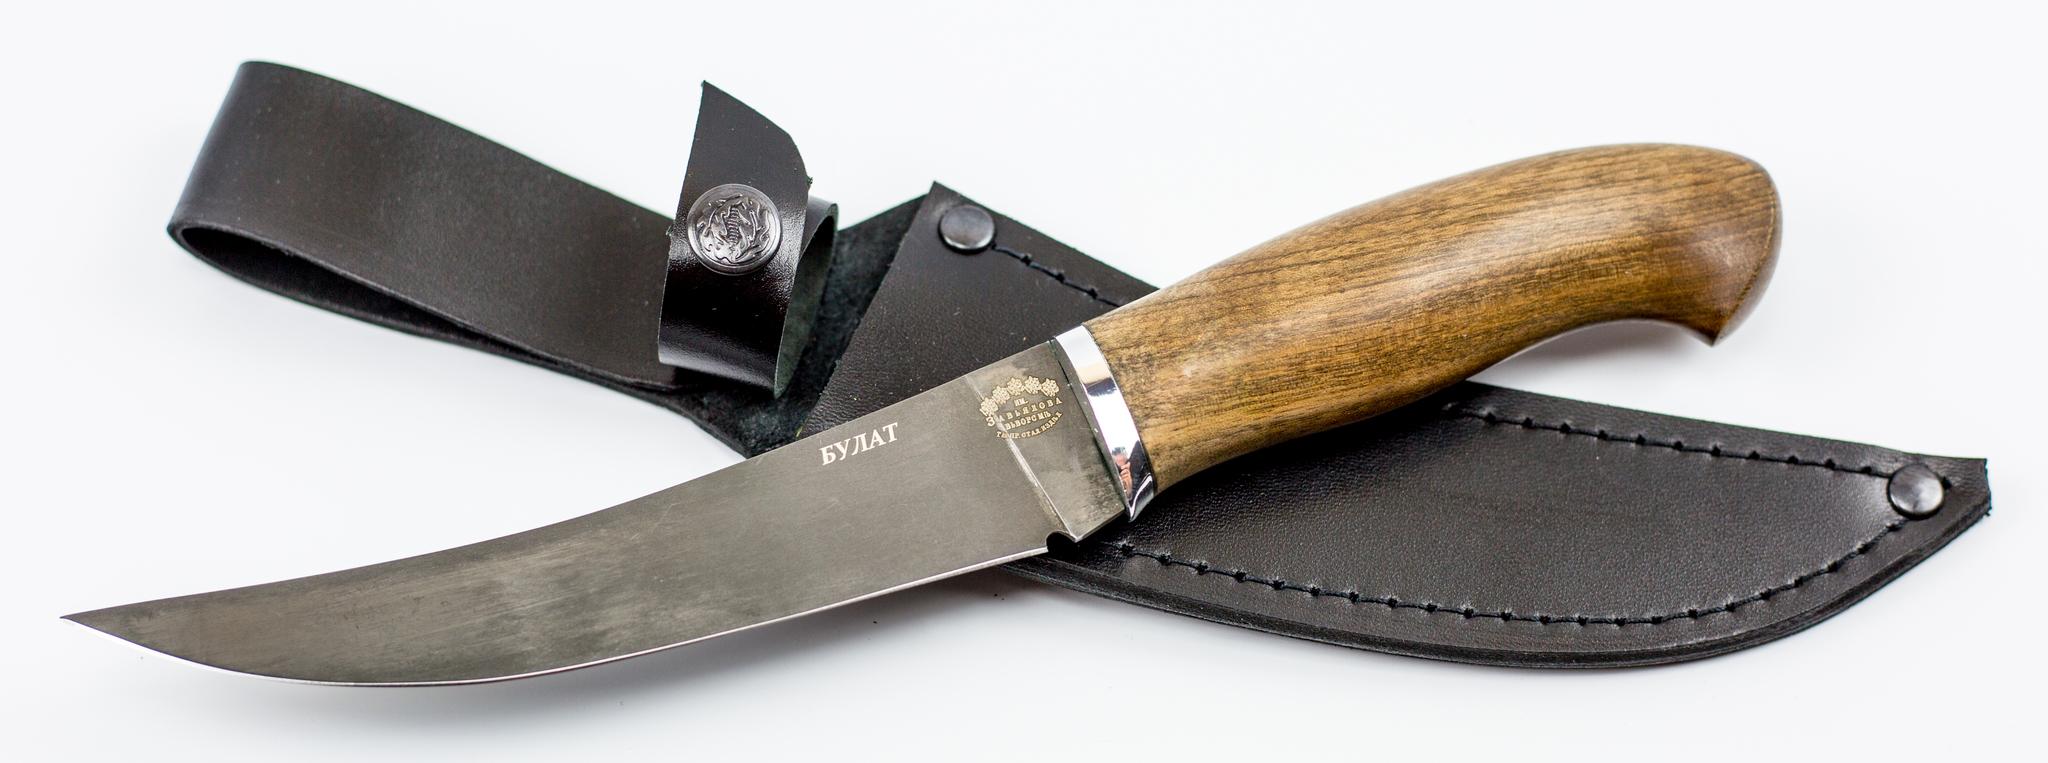 Фото 5 - Нож филейный Нерпа , сталь булат от Кузница Завьялова